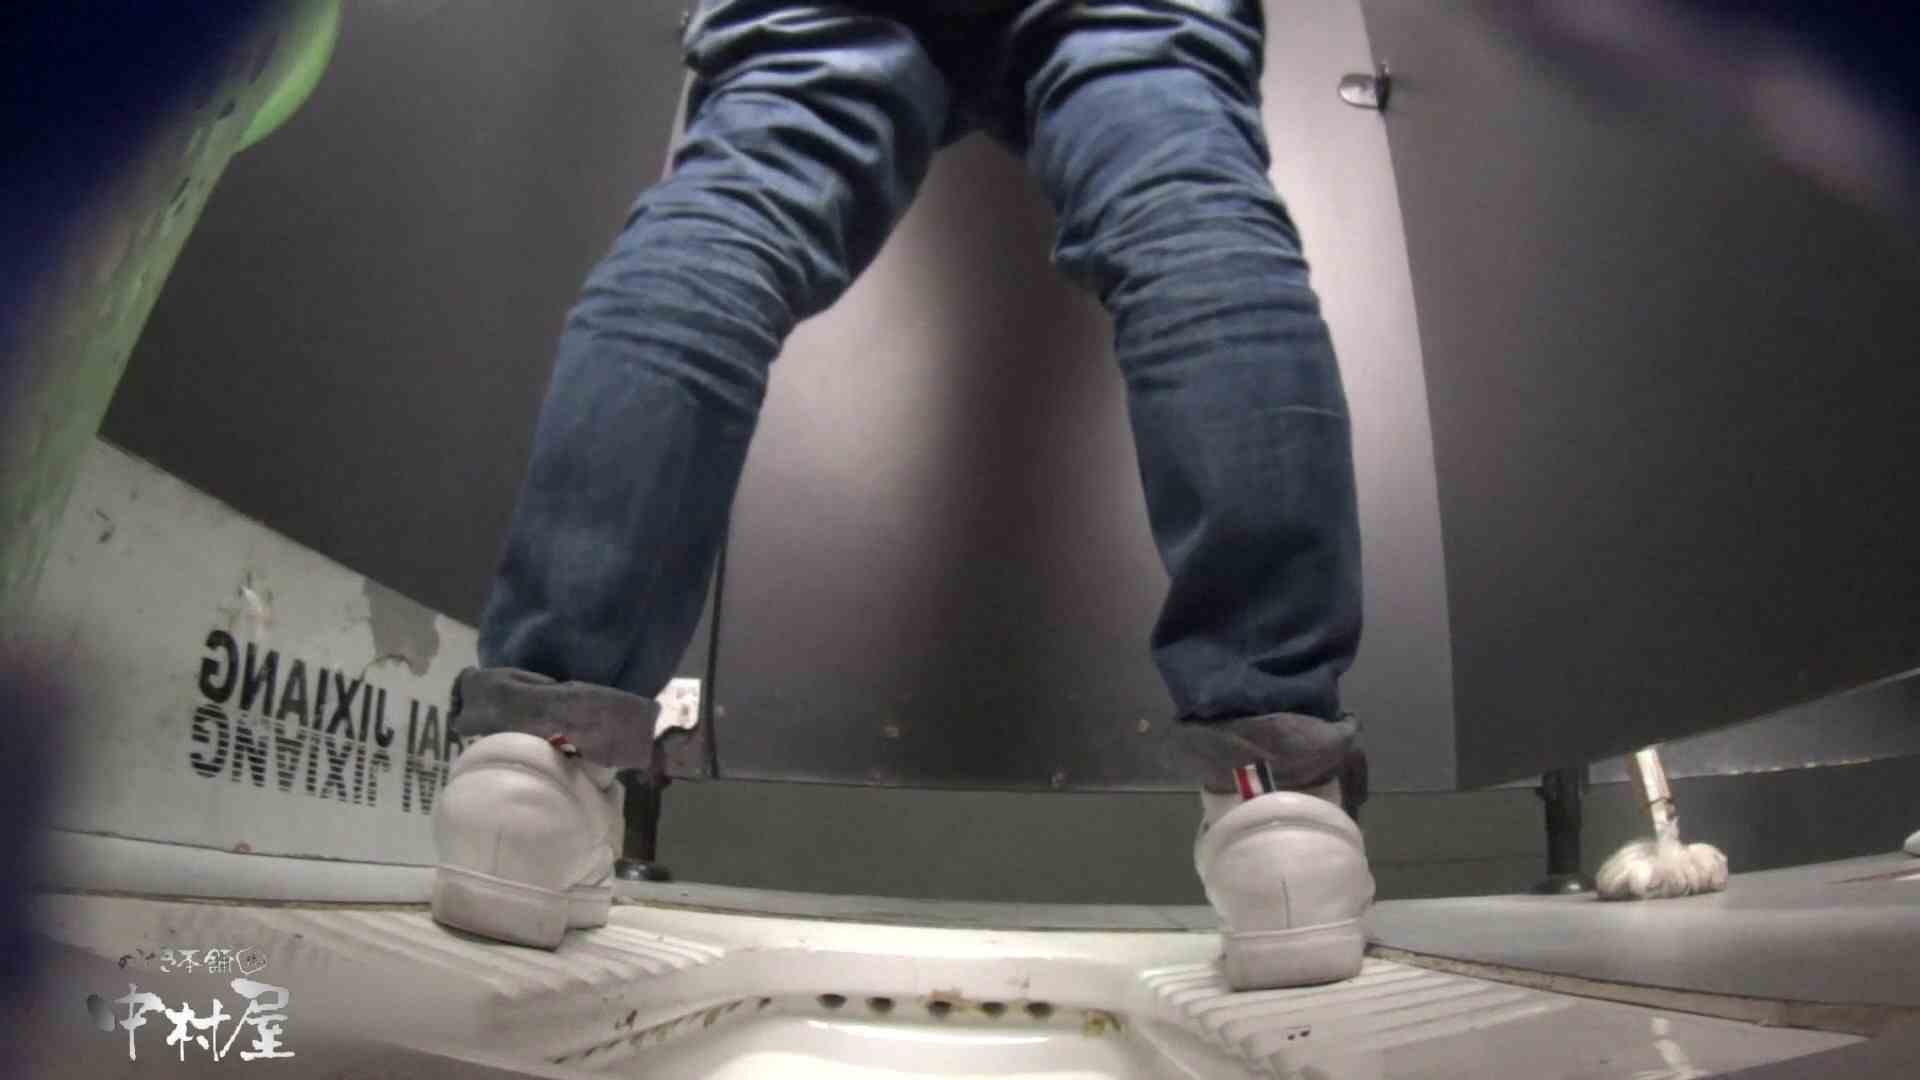 グレースパッツお女市さん 大学休憩時間の洗面所事情31 お姉さんのエロ動画 | 盗撮シリーズ  96PIX 9